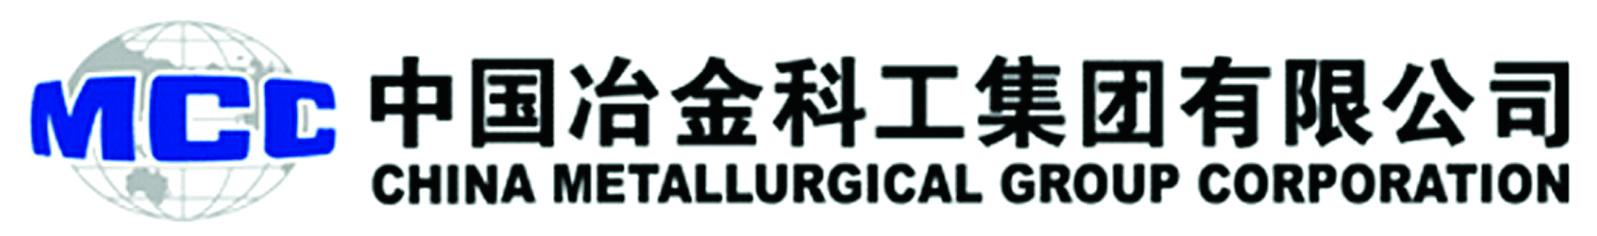 中国冶金工科集团有限公司